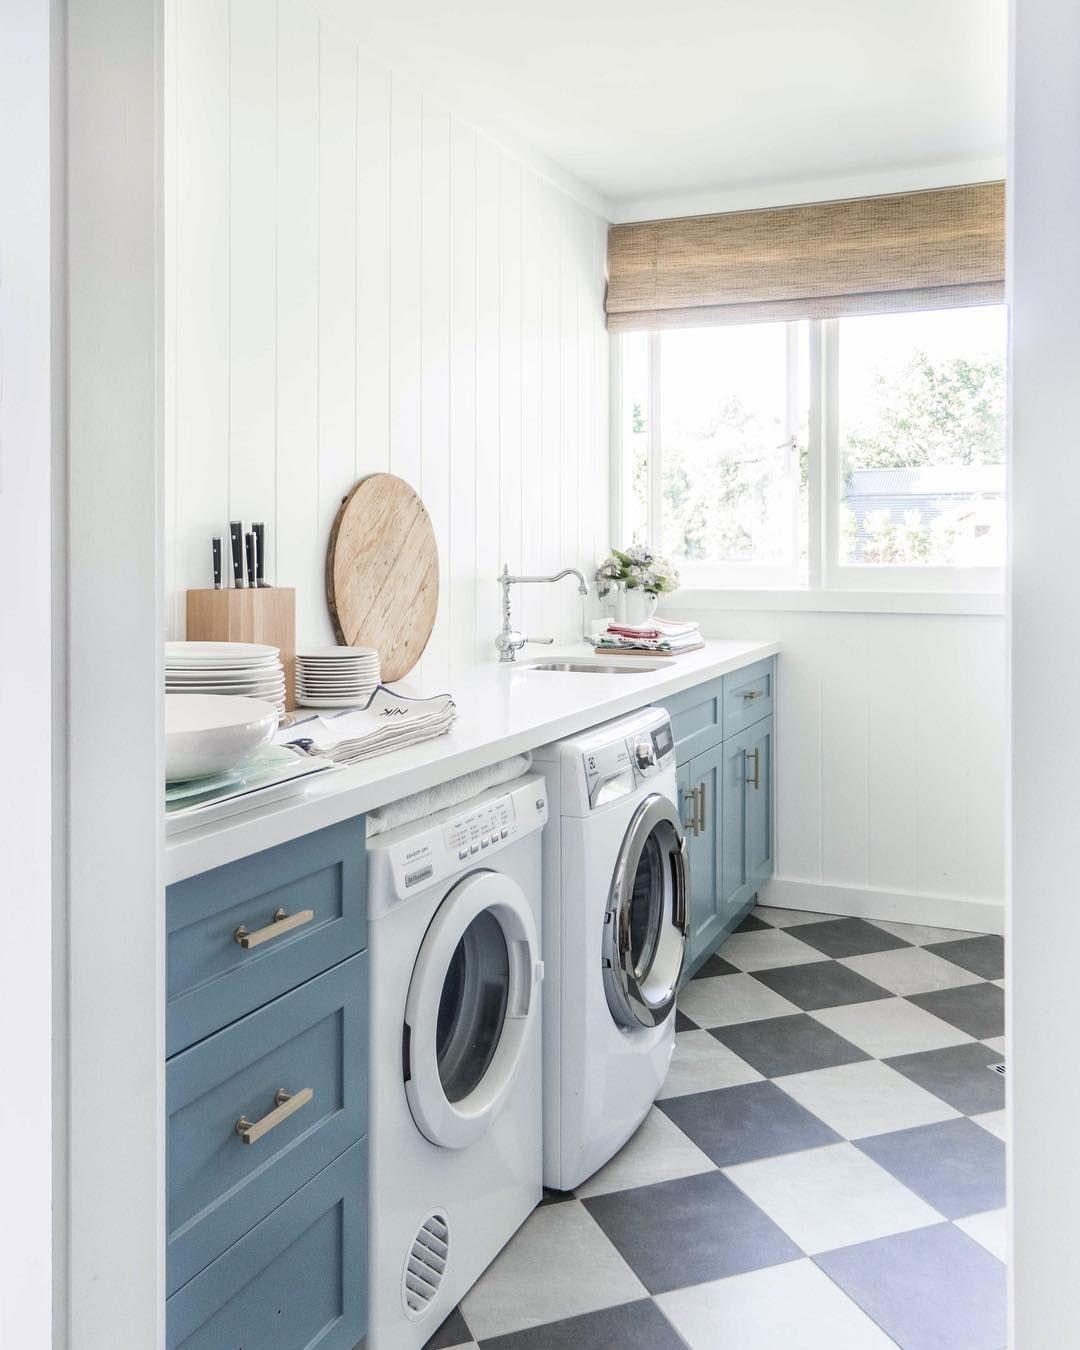 открытая стиральная машина на кухне